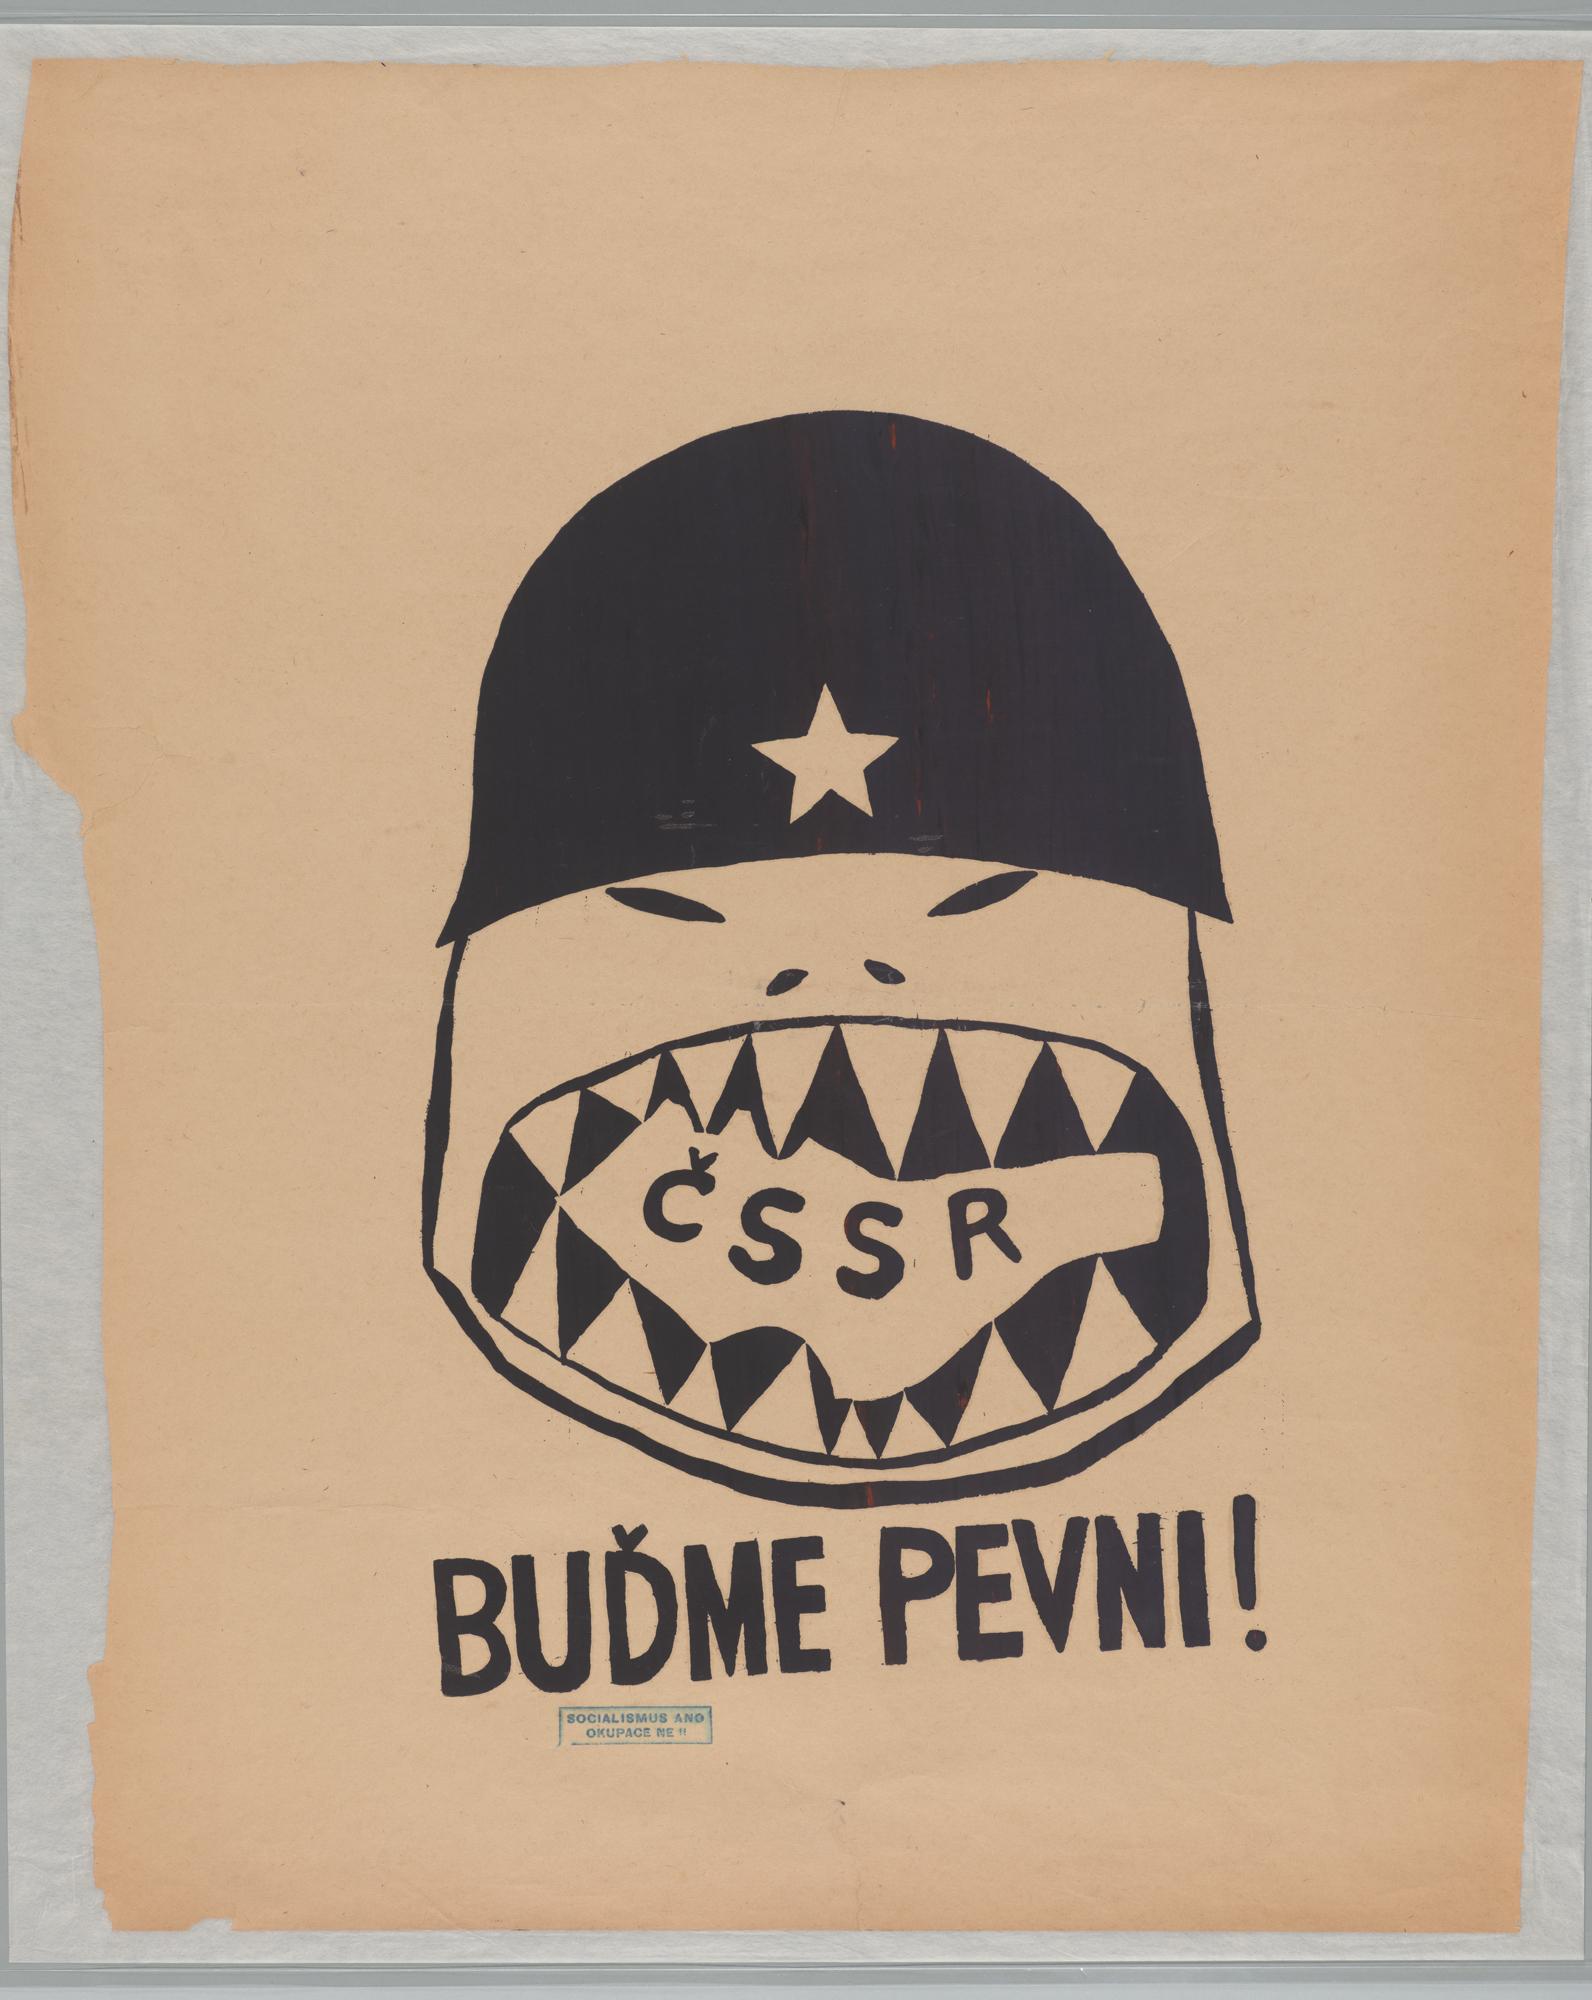 ČSSR - Budme pevni